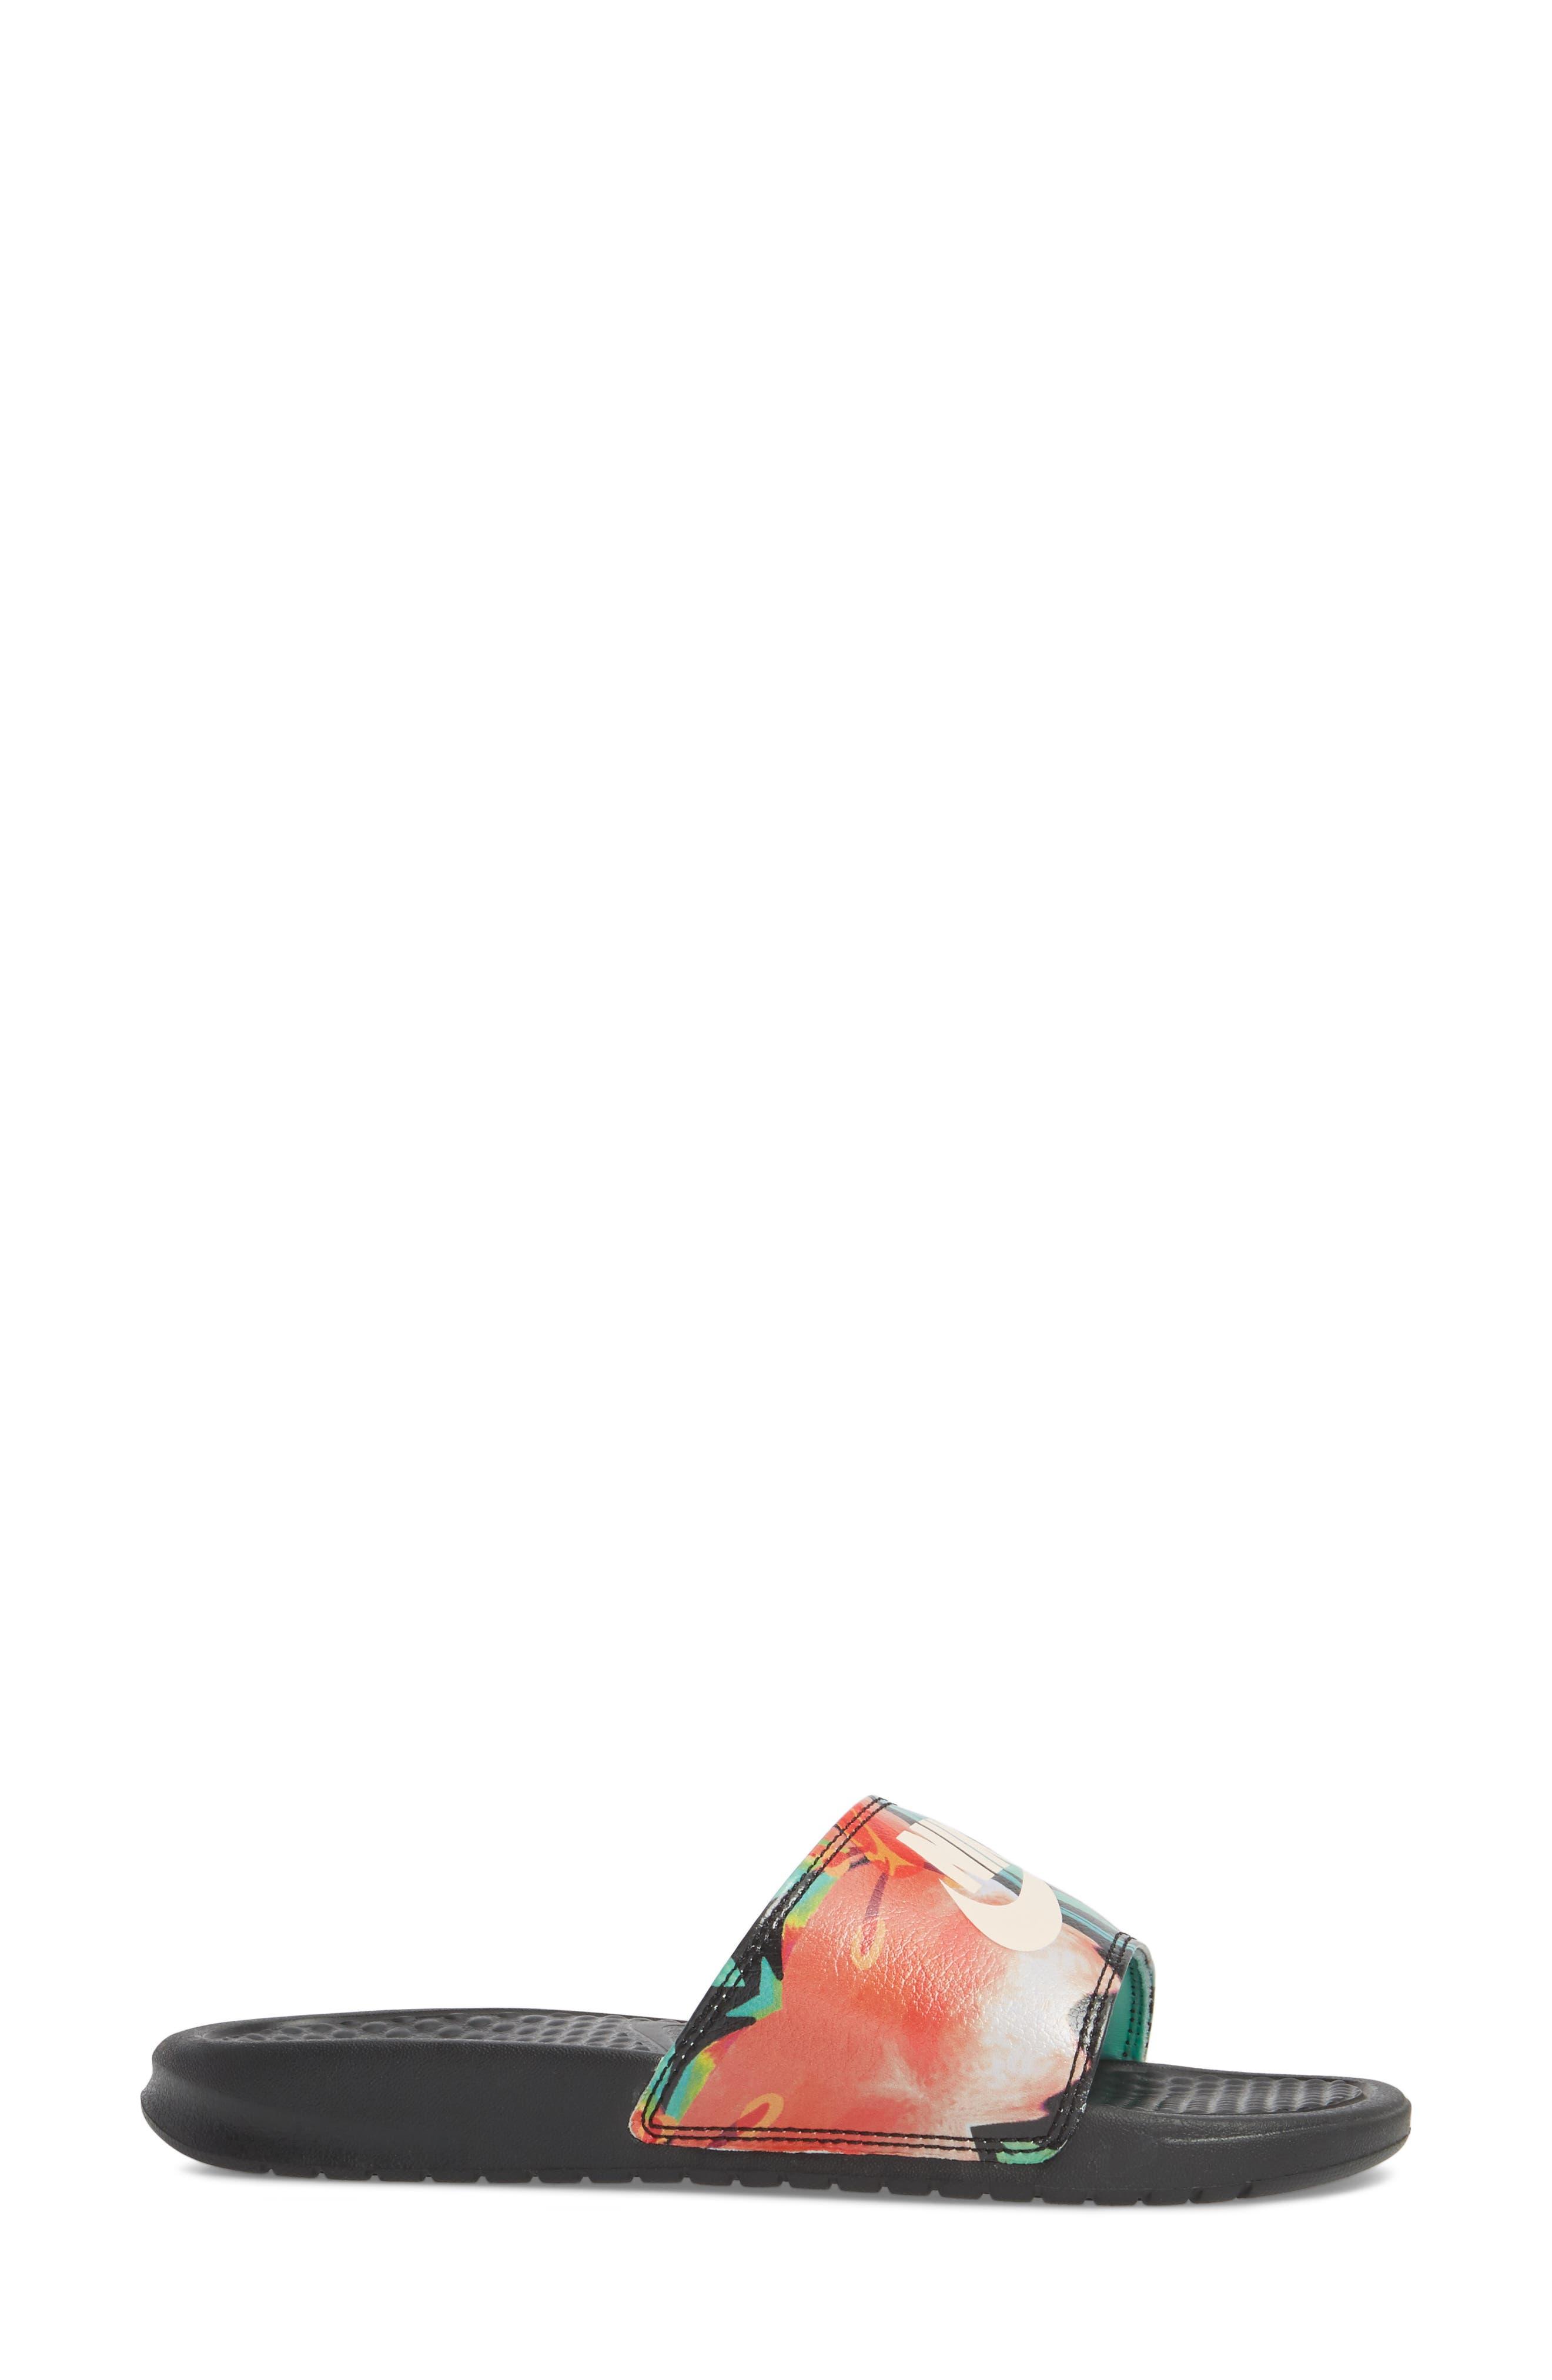 NIKE, 'Benassi - Just Do It' Print Sandal, Alternate thumbnail 3, color, BLACK/ CREAM